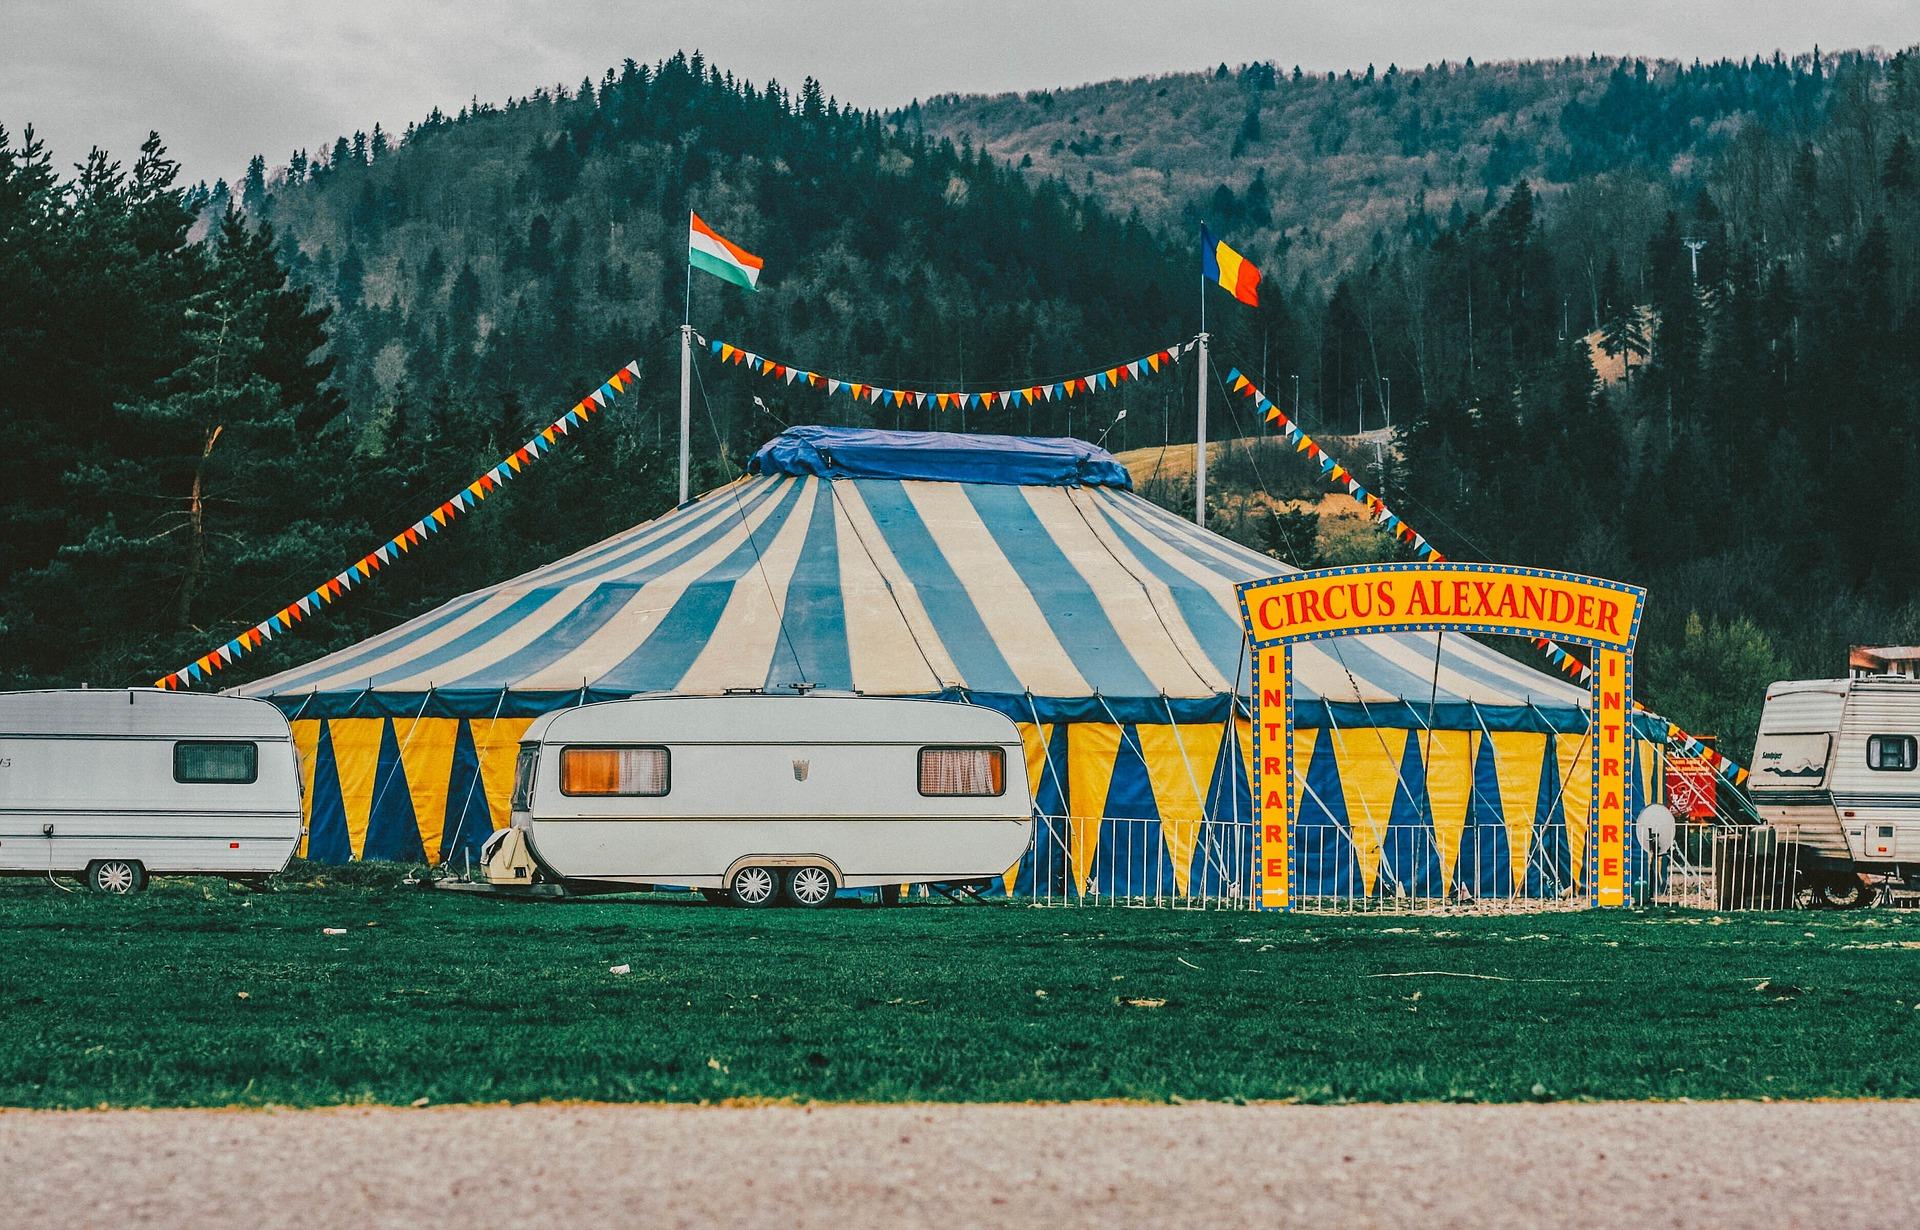 Les spectacles populaires au cirque